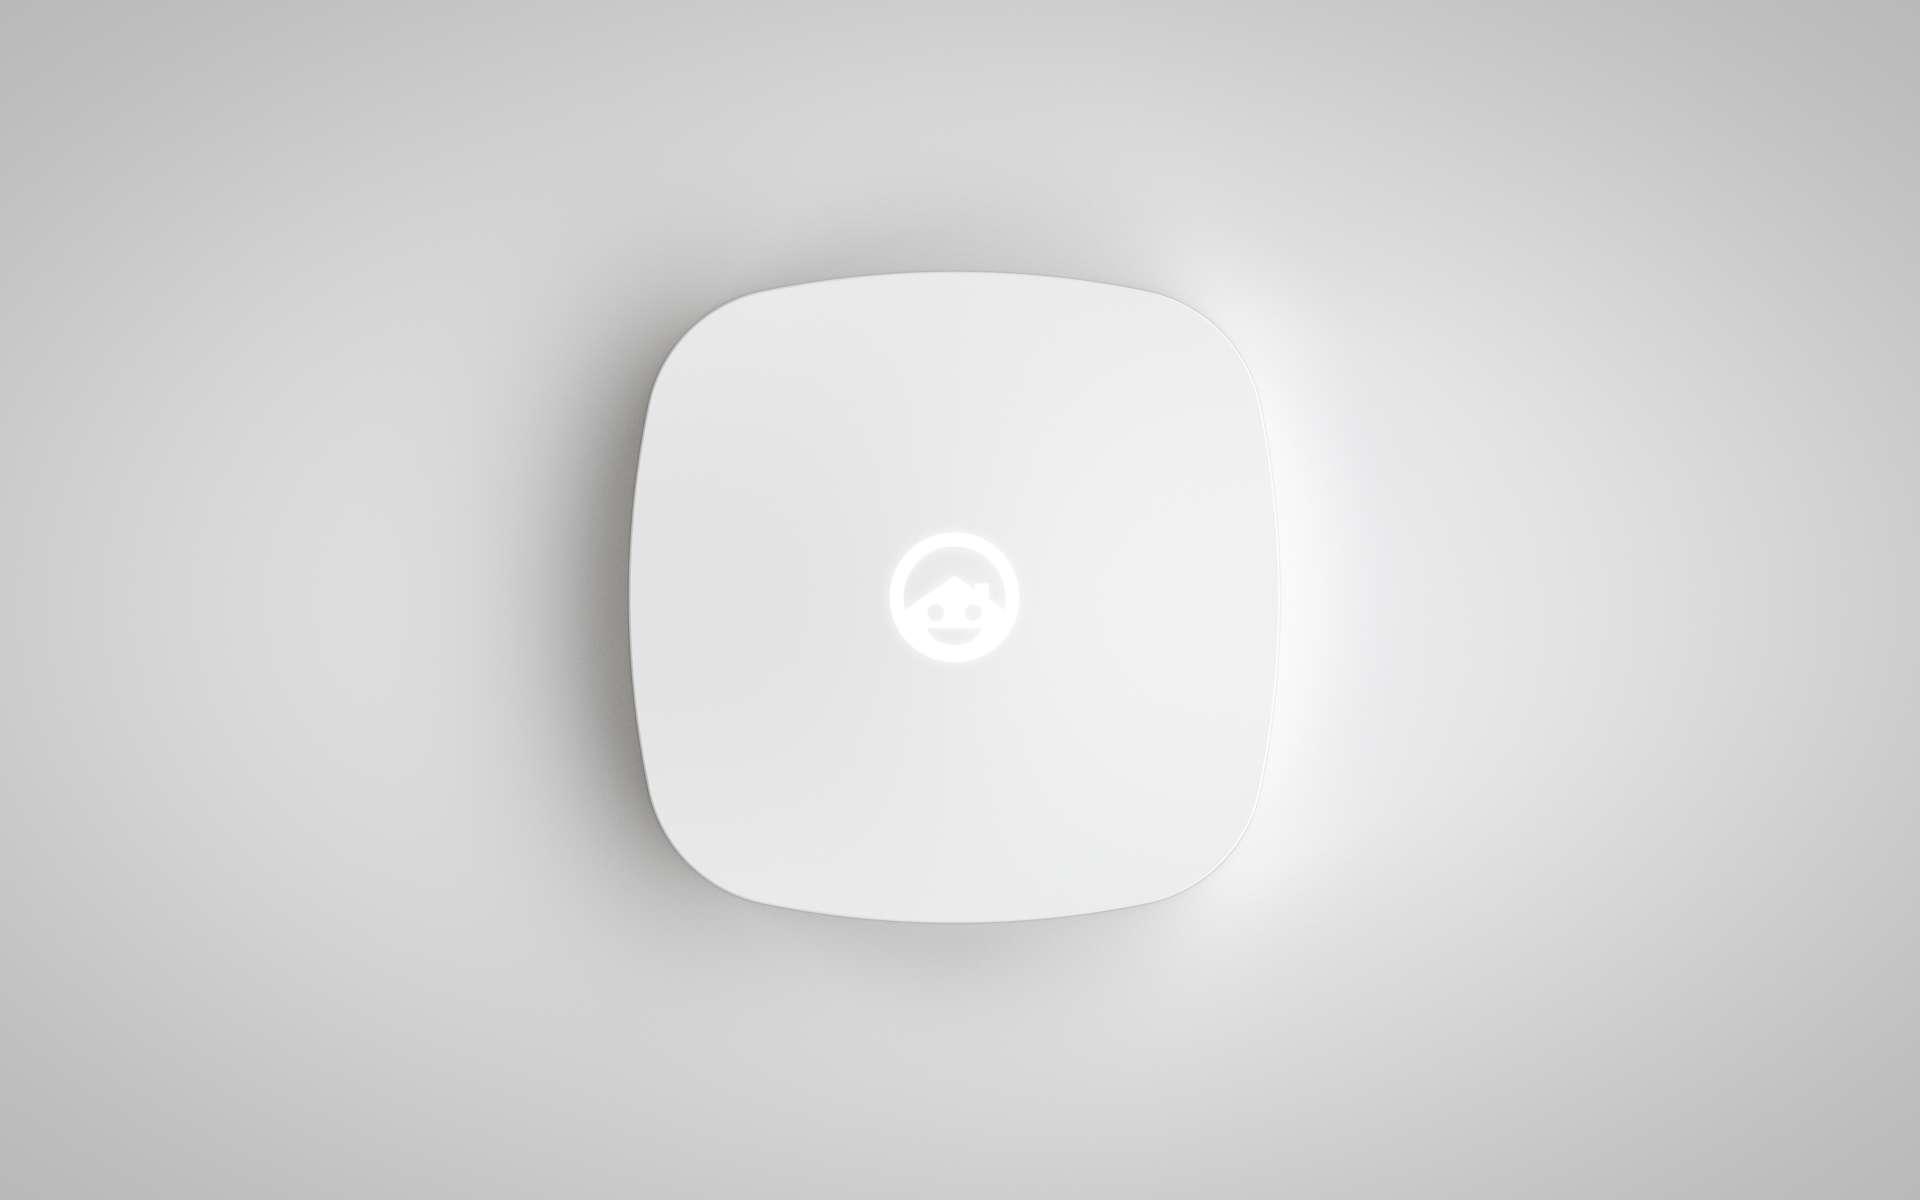 Le boîtier Ecoisme se branche au niveau du tableau électrique. Il analyse le réseau domestique et identifie tous les appareils connectés dont il surveille ensuite la consommation. © Ecoisme